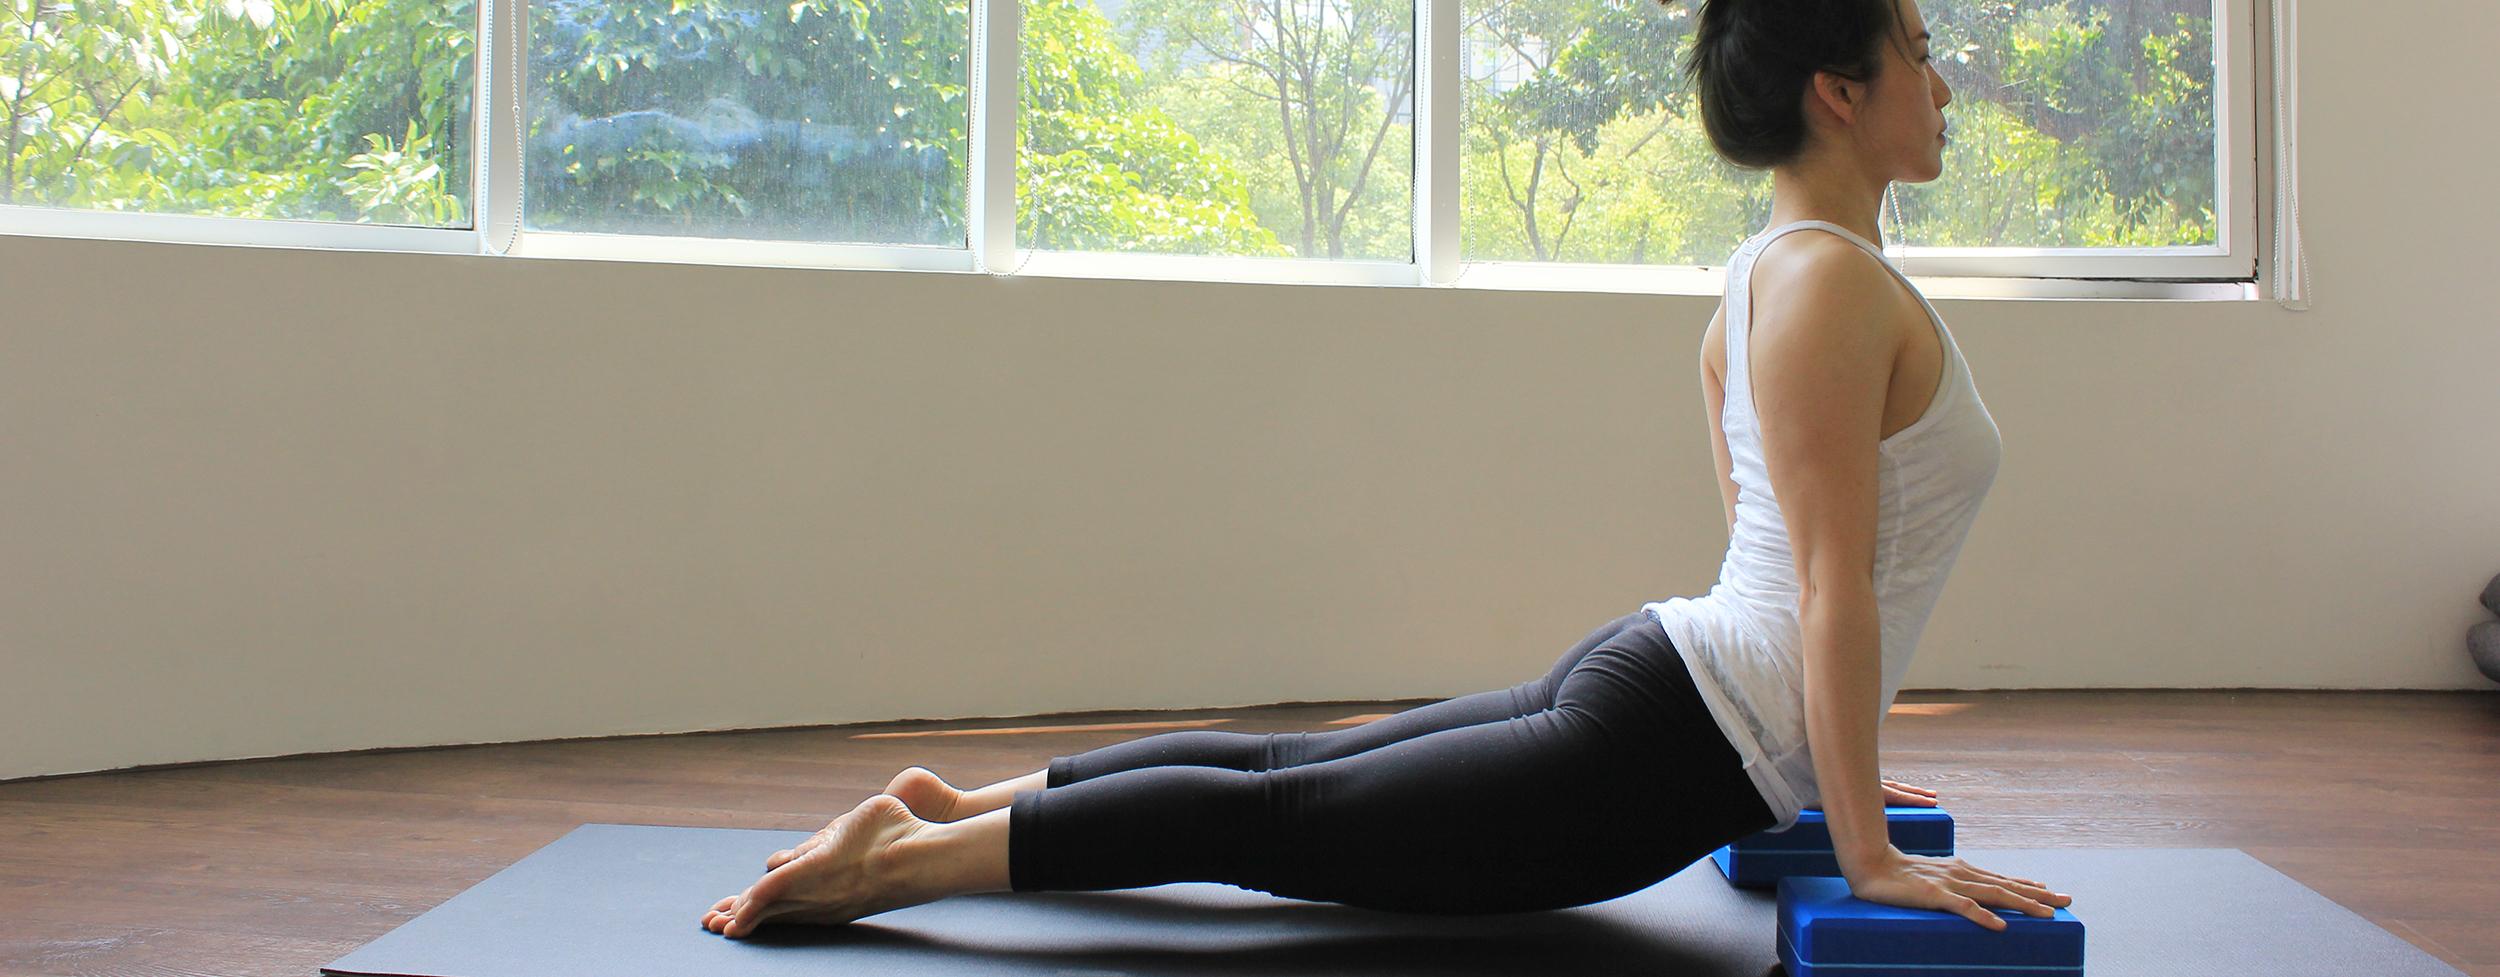 Yoga Journey  yoga